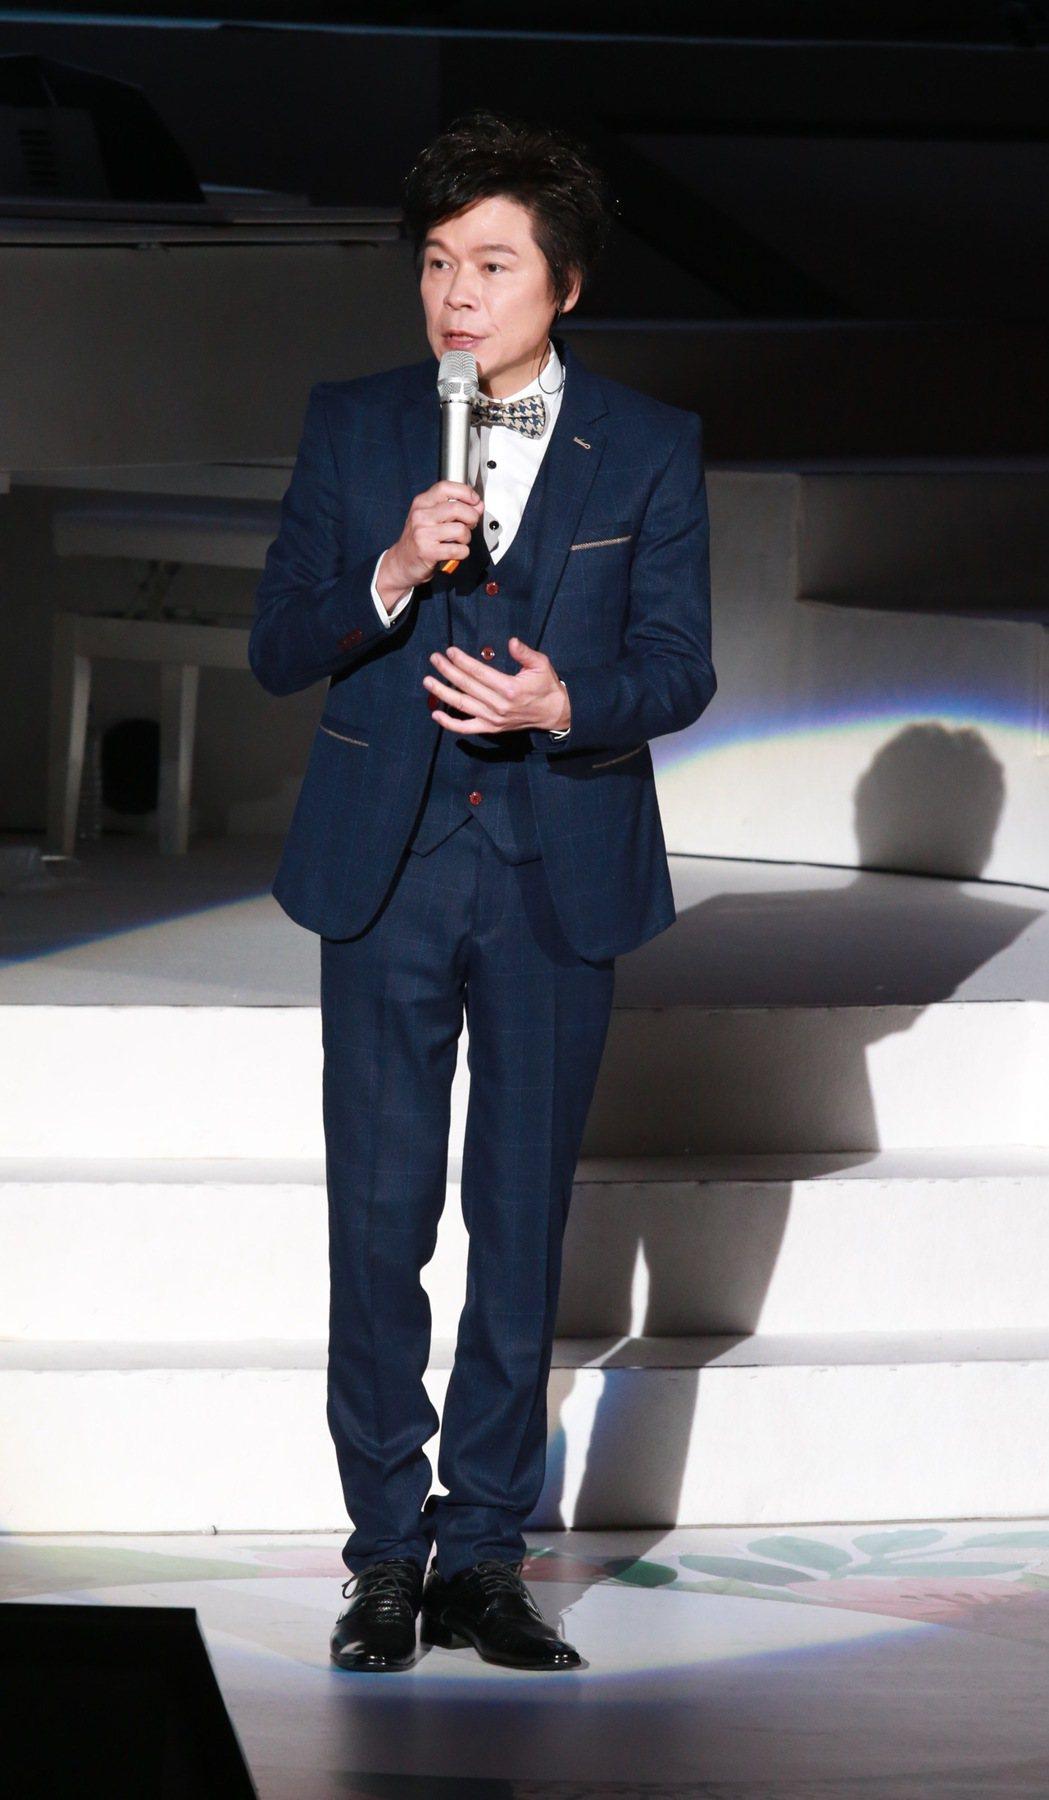 金曲獎台語歌王洪榮宏,下午在台北國際會議中心舉行第2場「心曲演唱會」,邀請長子洪...